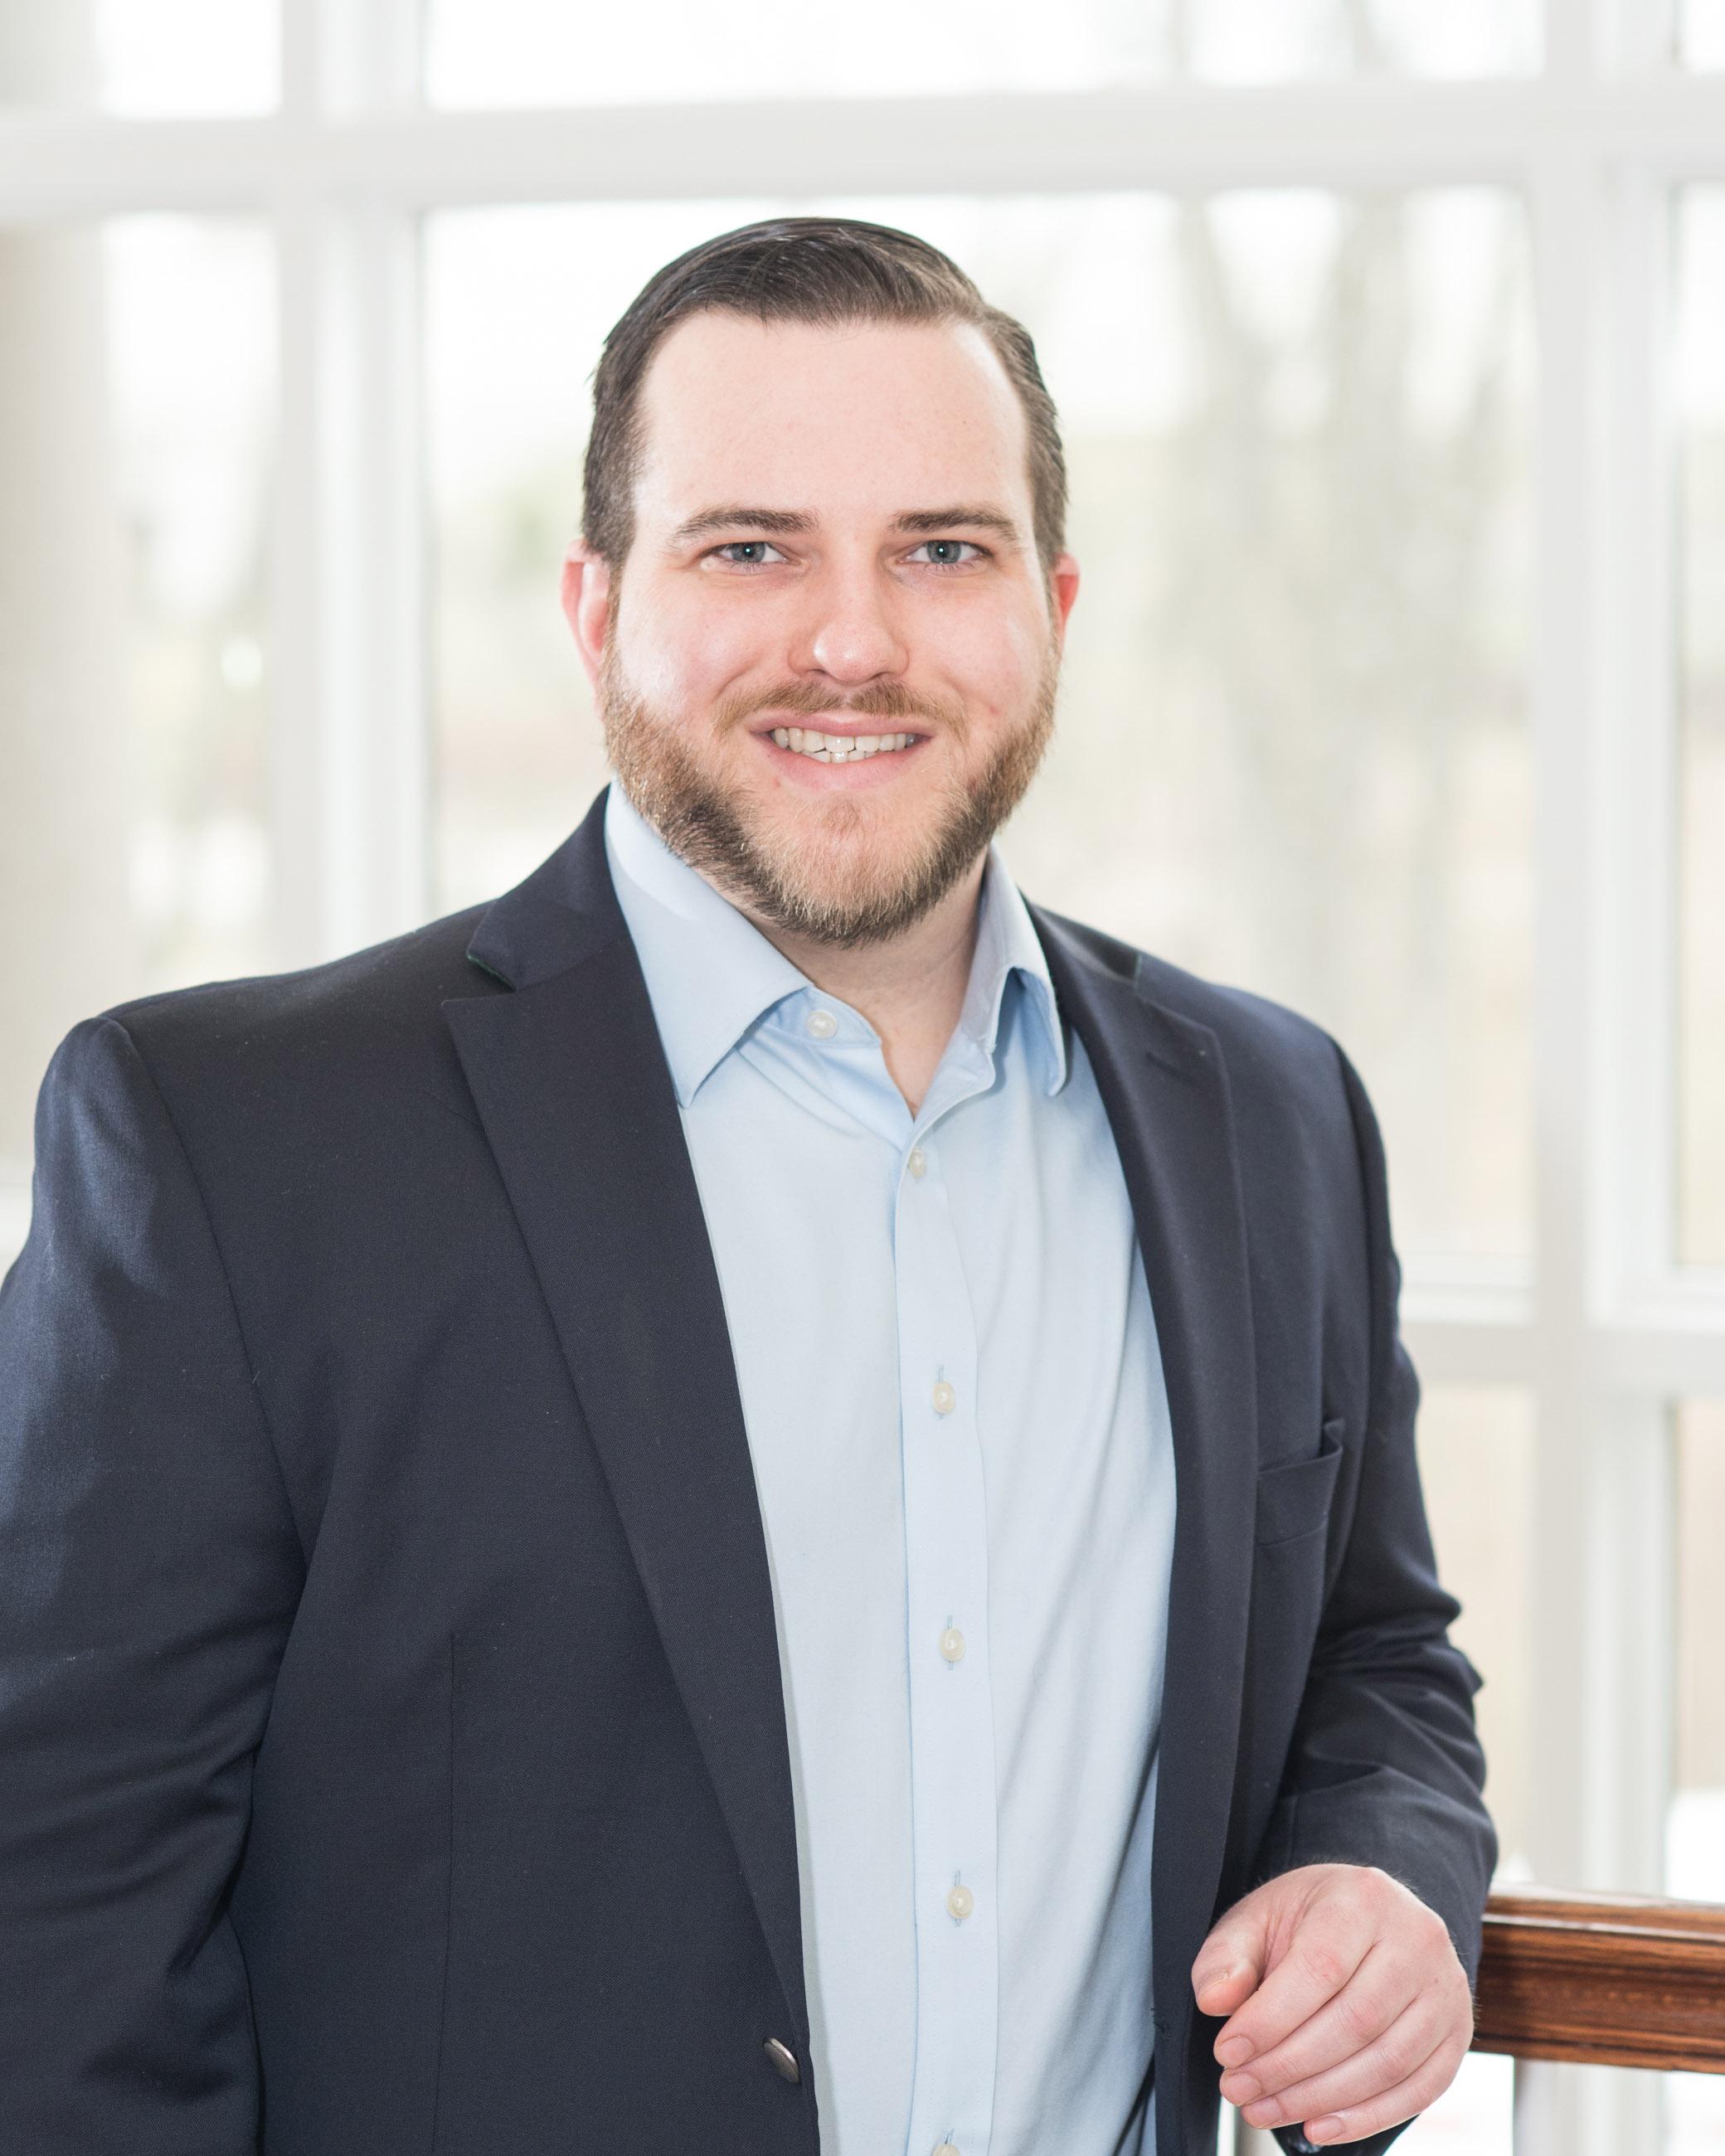 Connor Smith, financial advisor Malvern PA